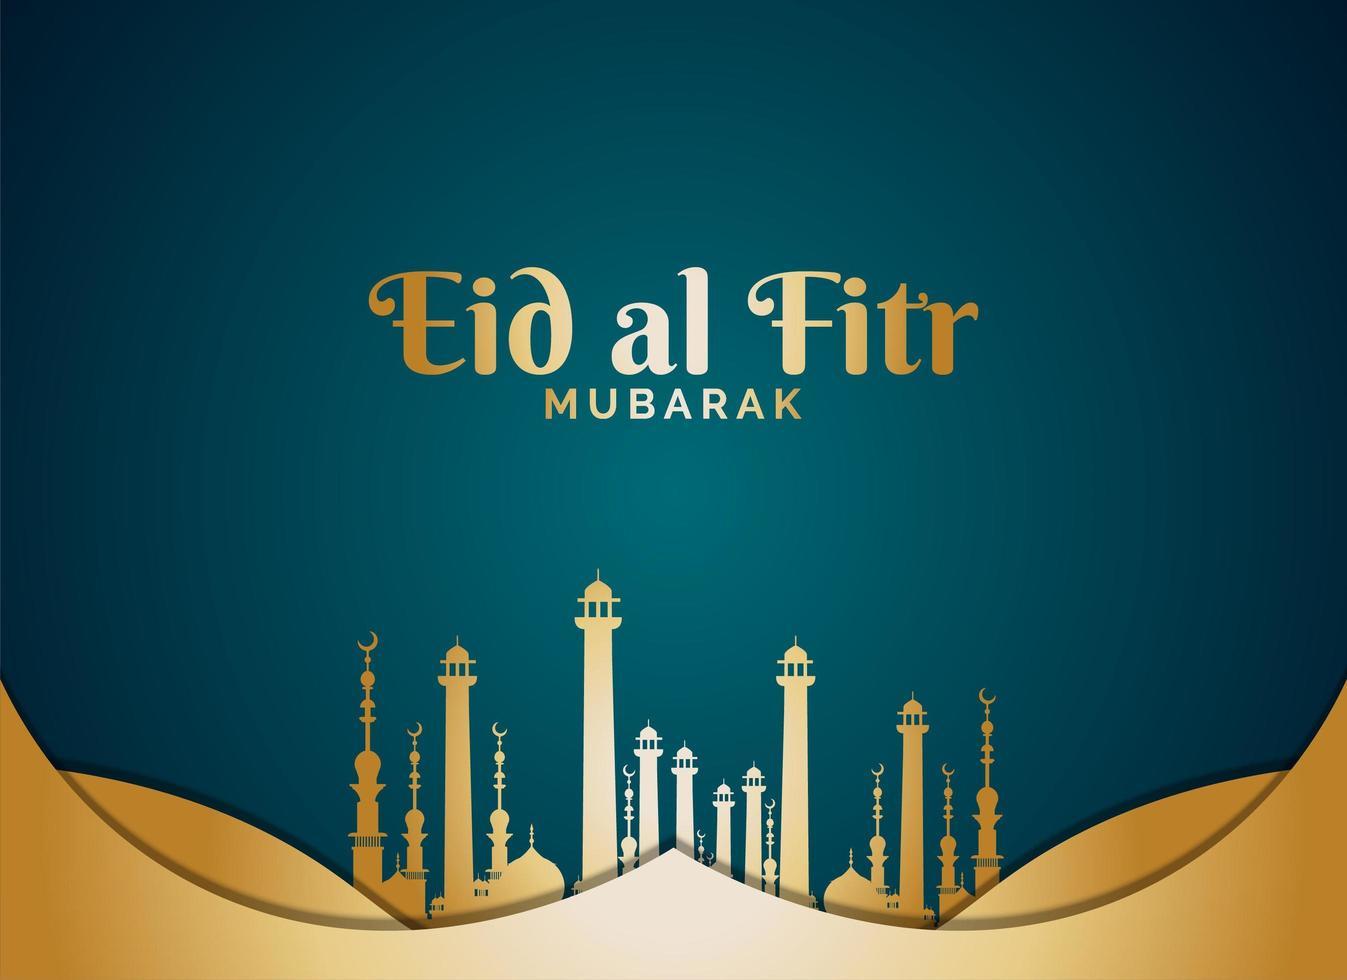 eid al fitr con torri della moschea d'oro sull'alzavola vettore